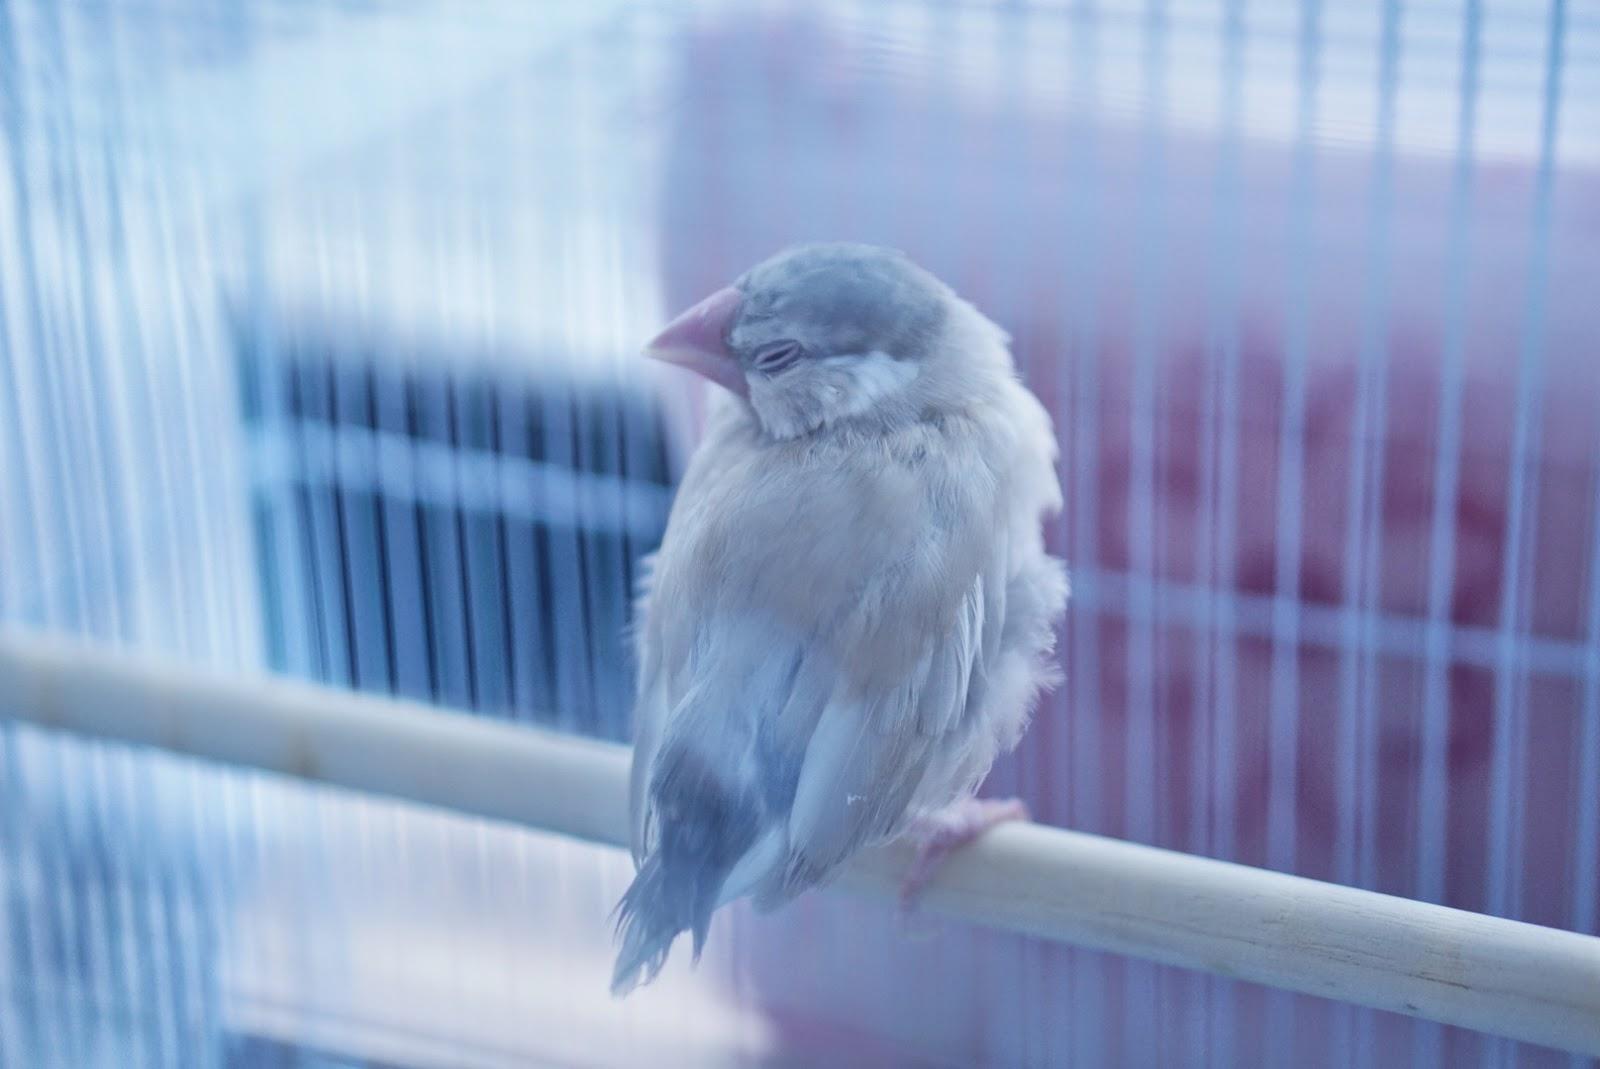 シナモン文鳥をお迎えしました